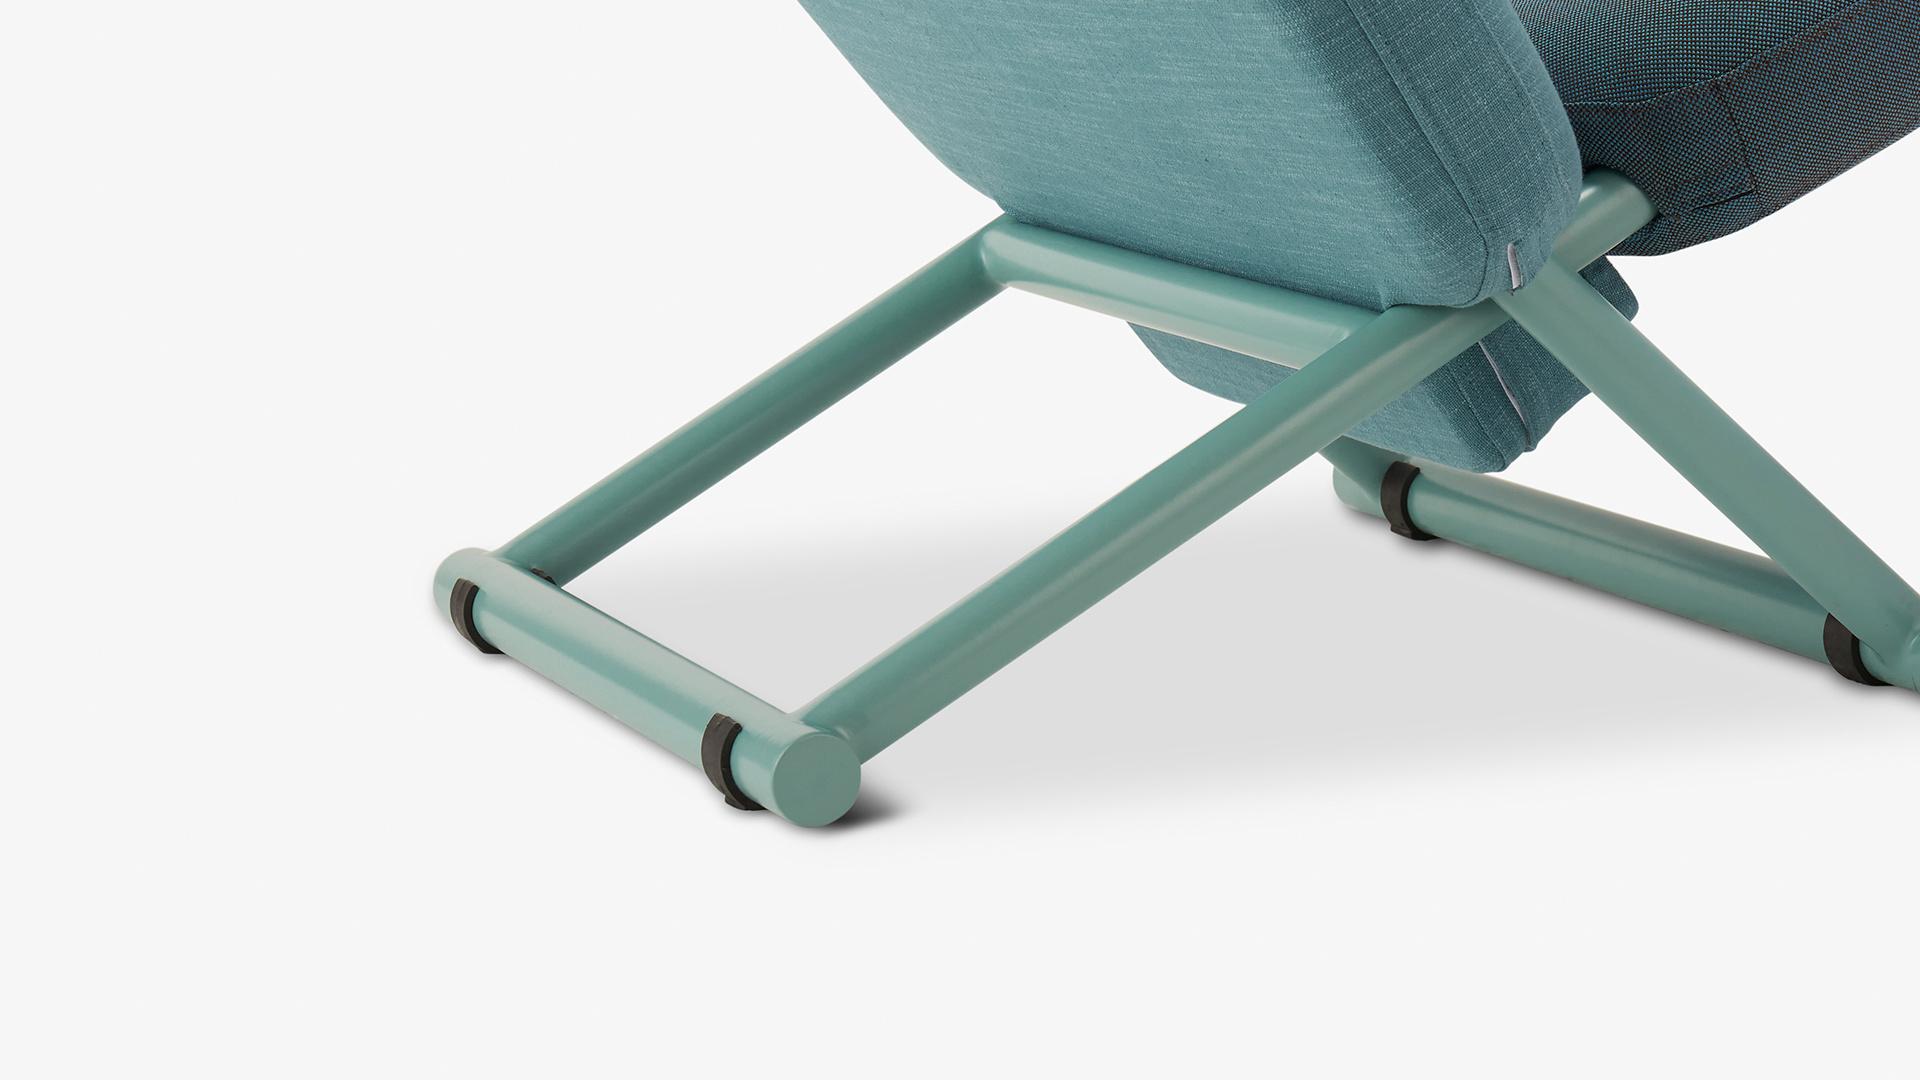 简洁连接,最大承重100kg<br/>用心守护你的安坐